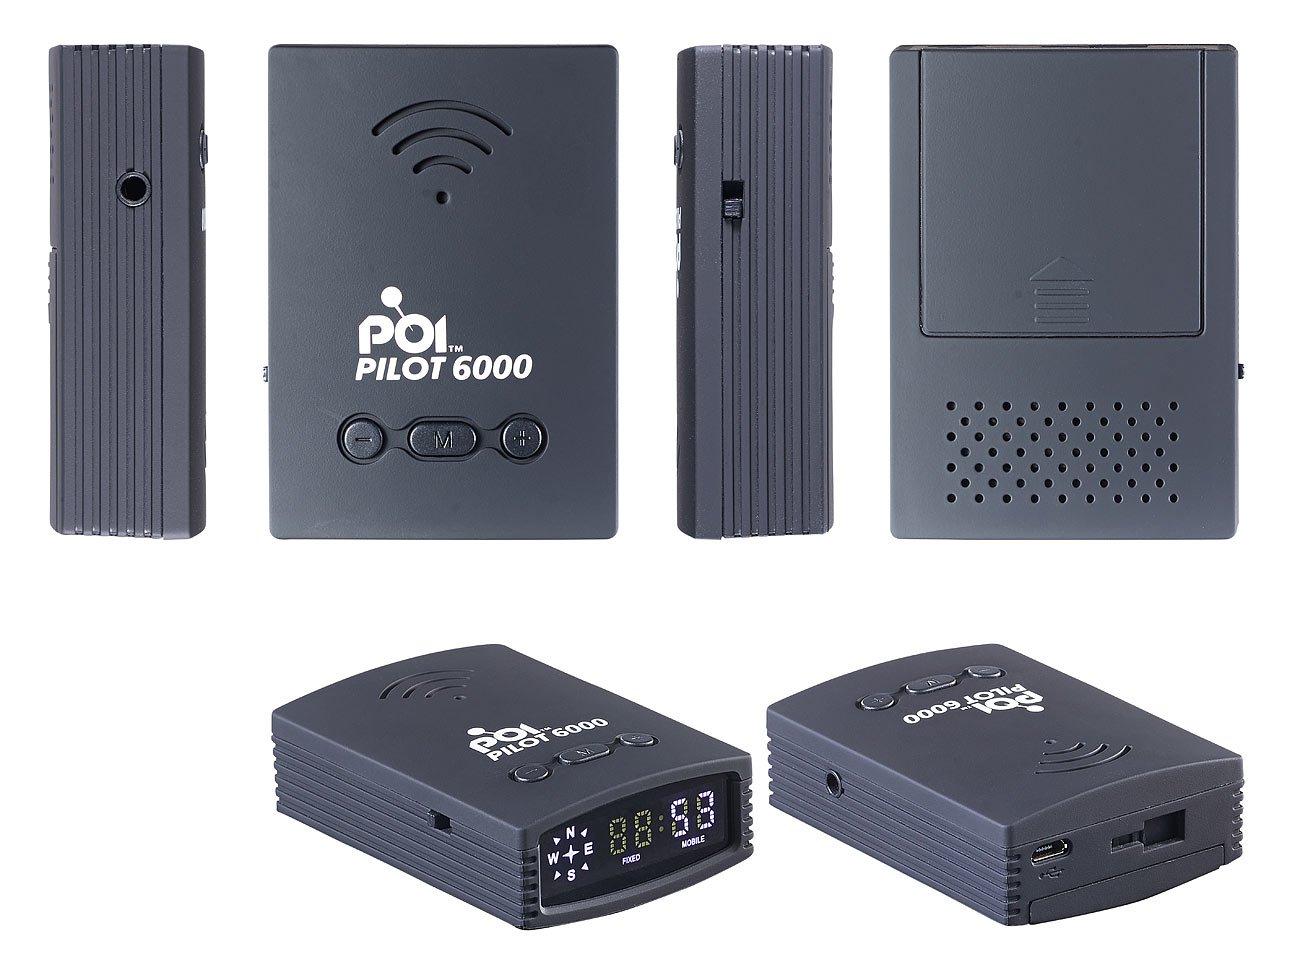 POI-Pilot-6000-Radarwarner-GPS-Gefahren-Warner-mit-POI-Daten-fr-DACH-3-Jahre-kostenl-Updates-Blitzerwarner